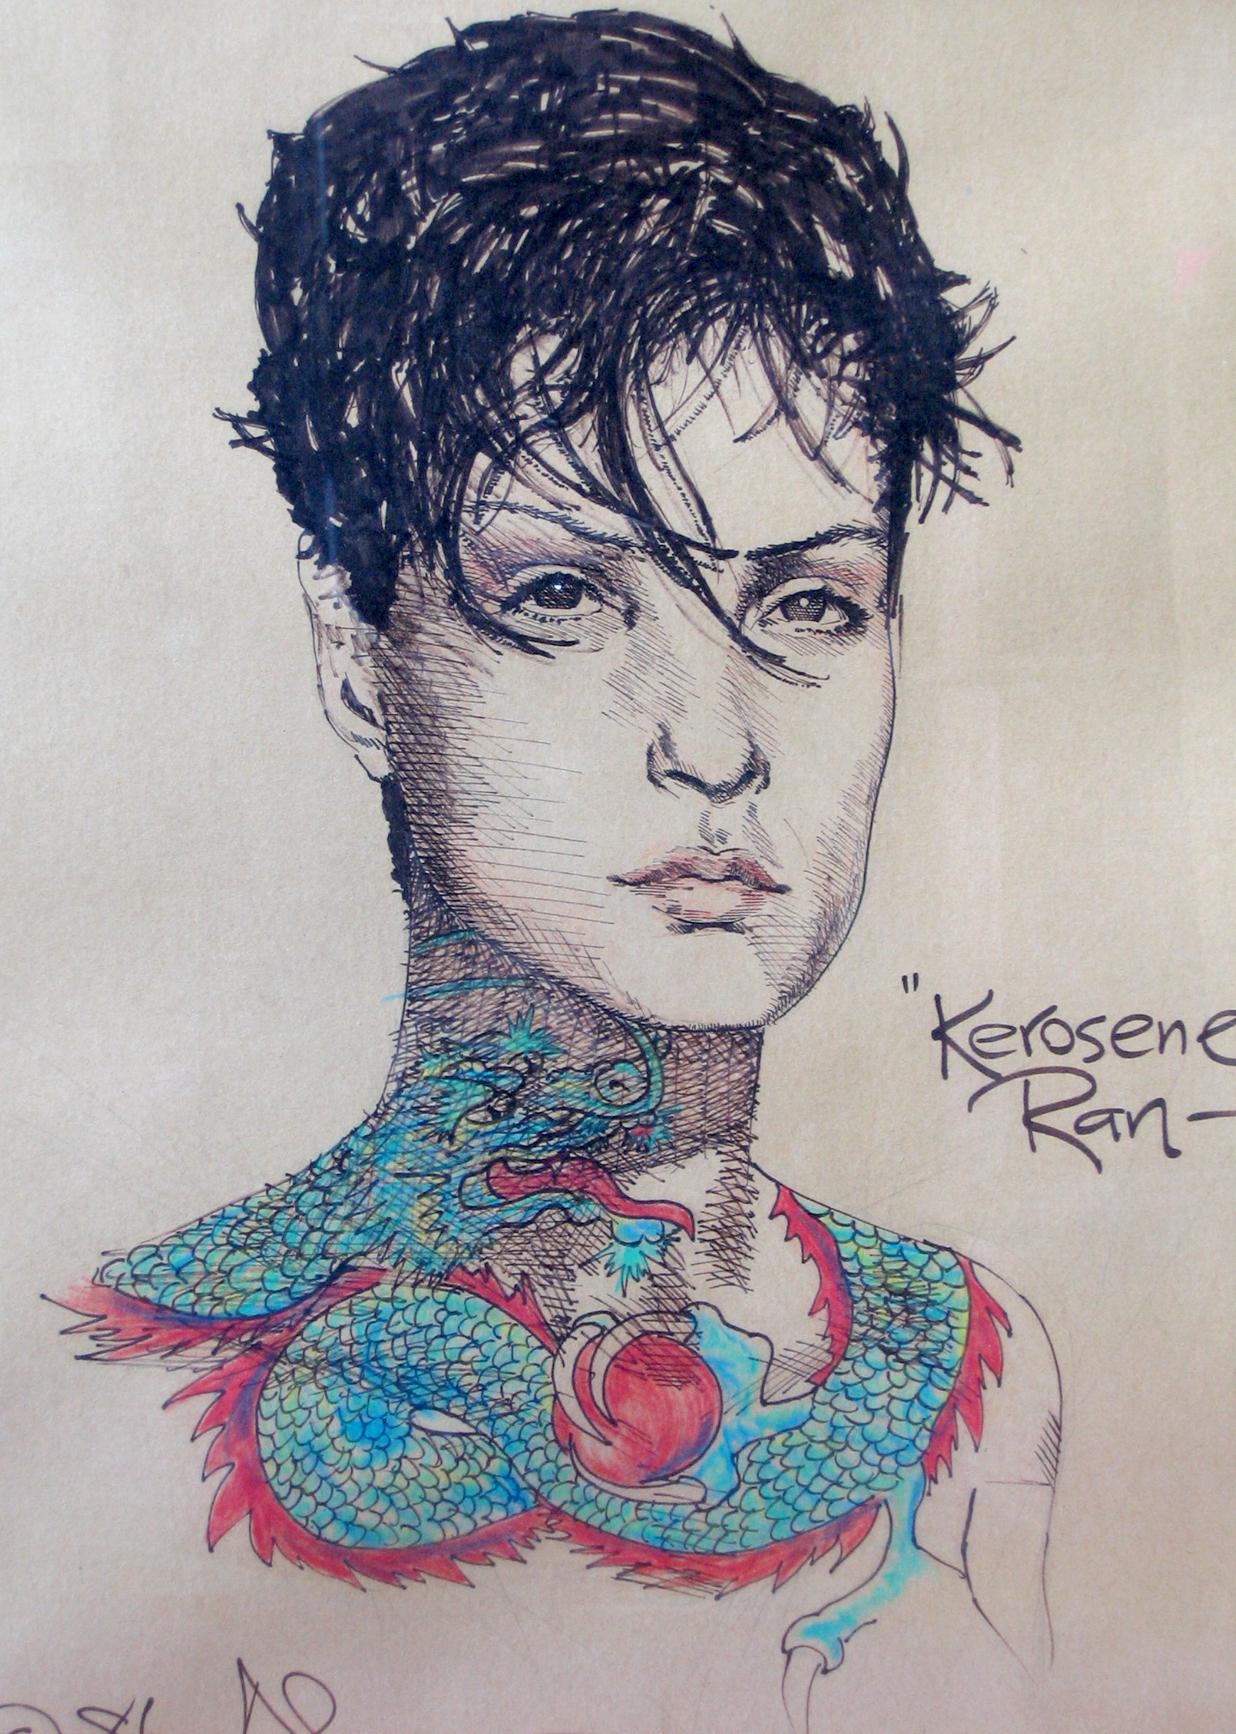 Character: Kerosene Ran